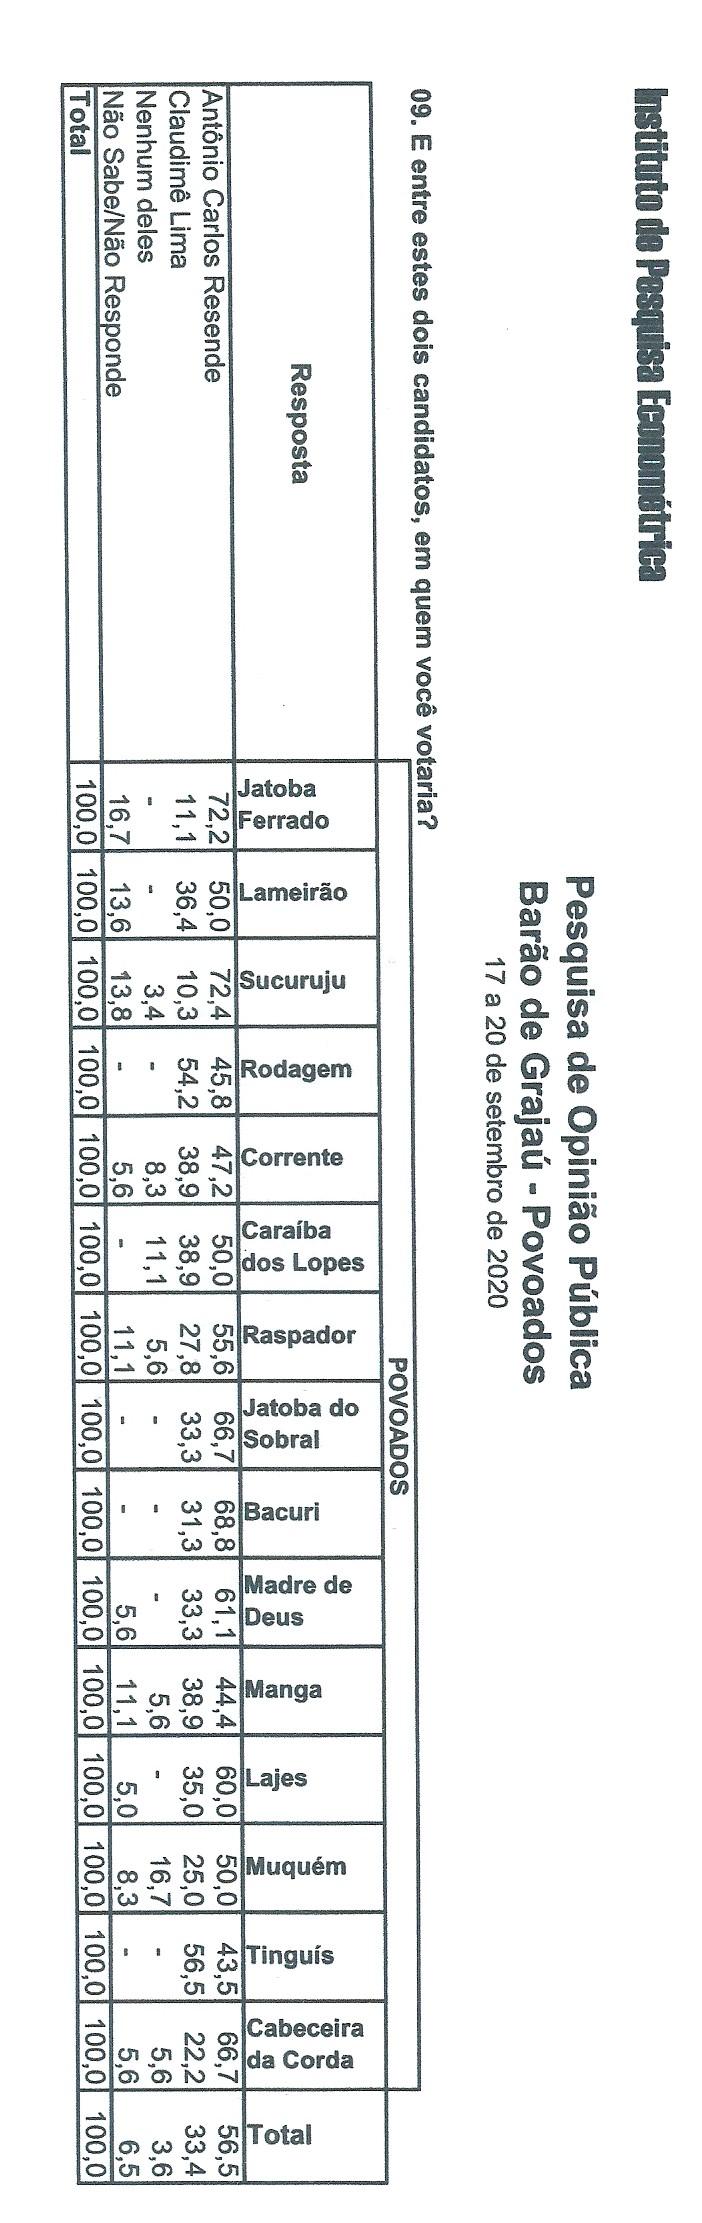 pesa1